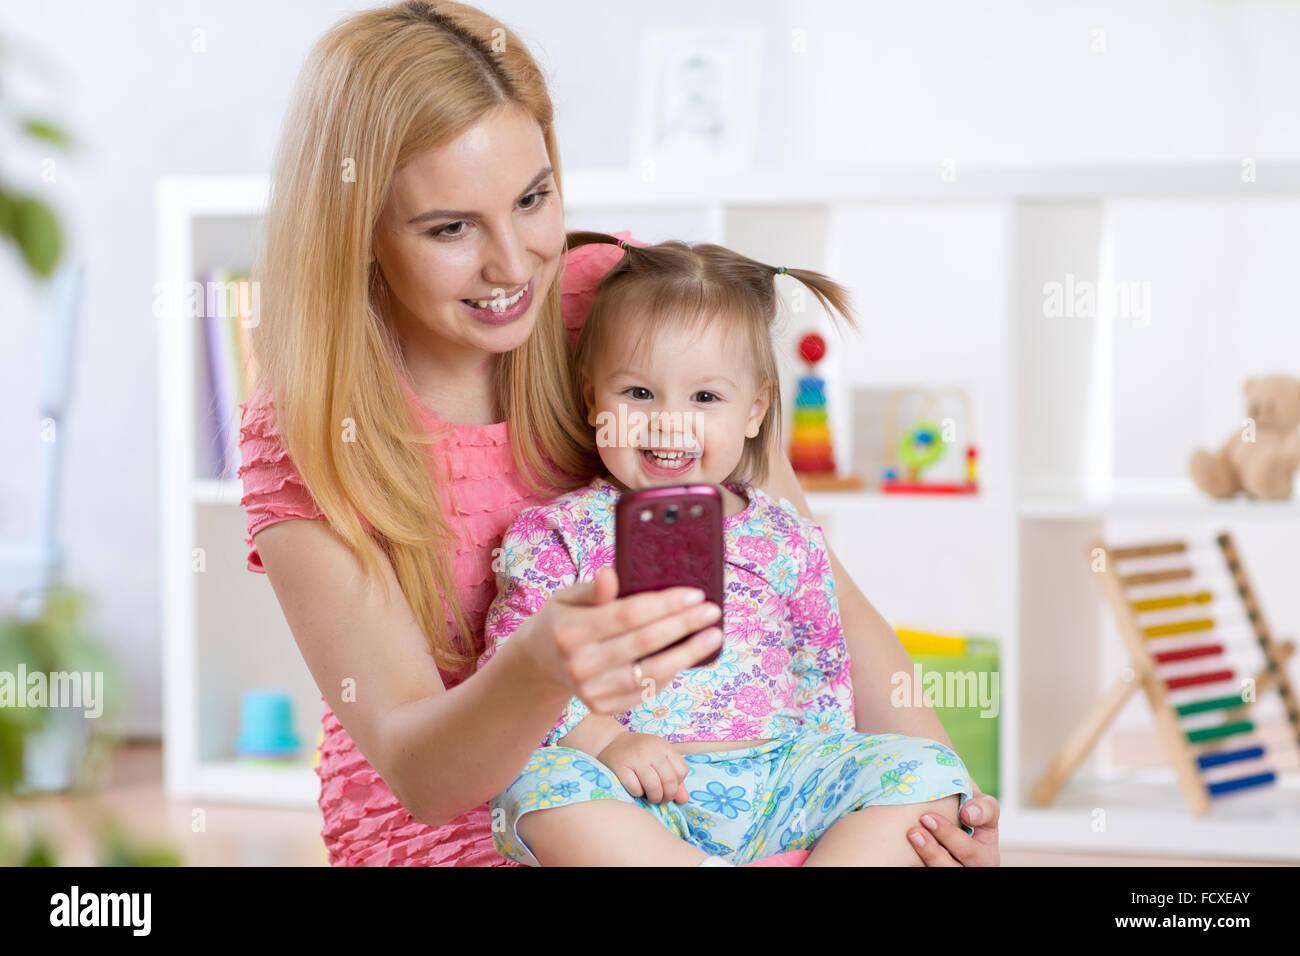 Mutter und ihr kleines Kind Mädchen nehmen Selfie auf einer Decke im Kinderzimmer Stockbild